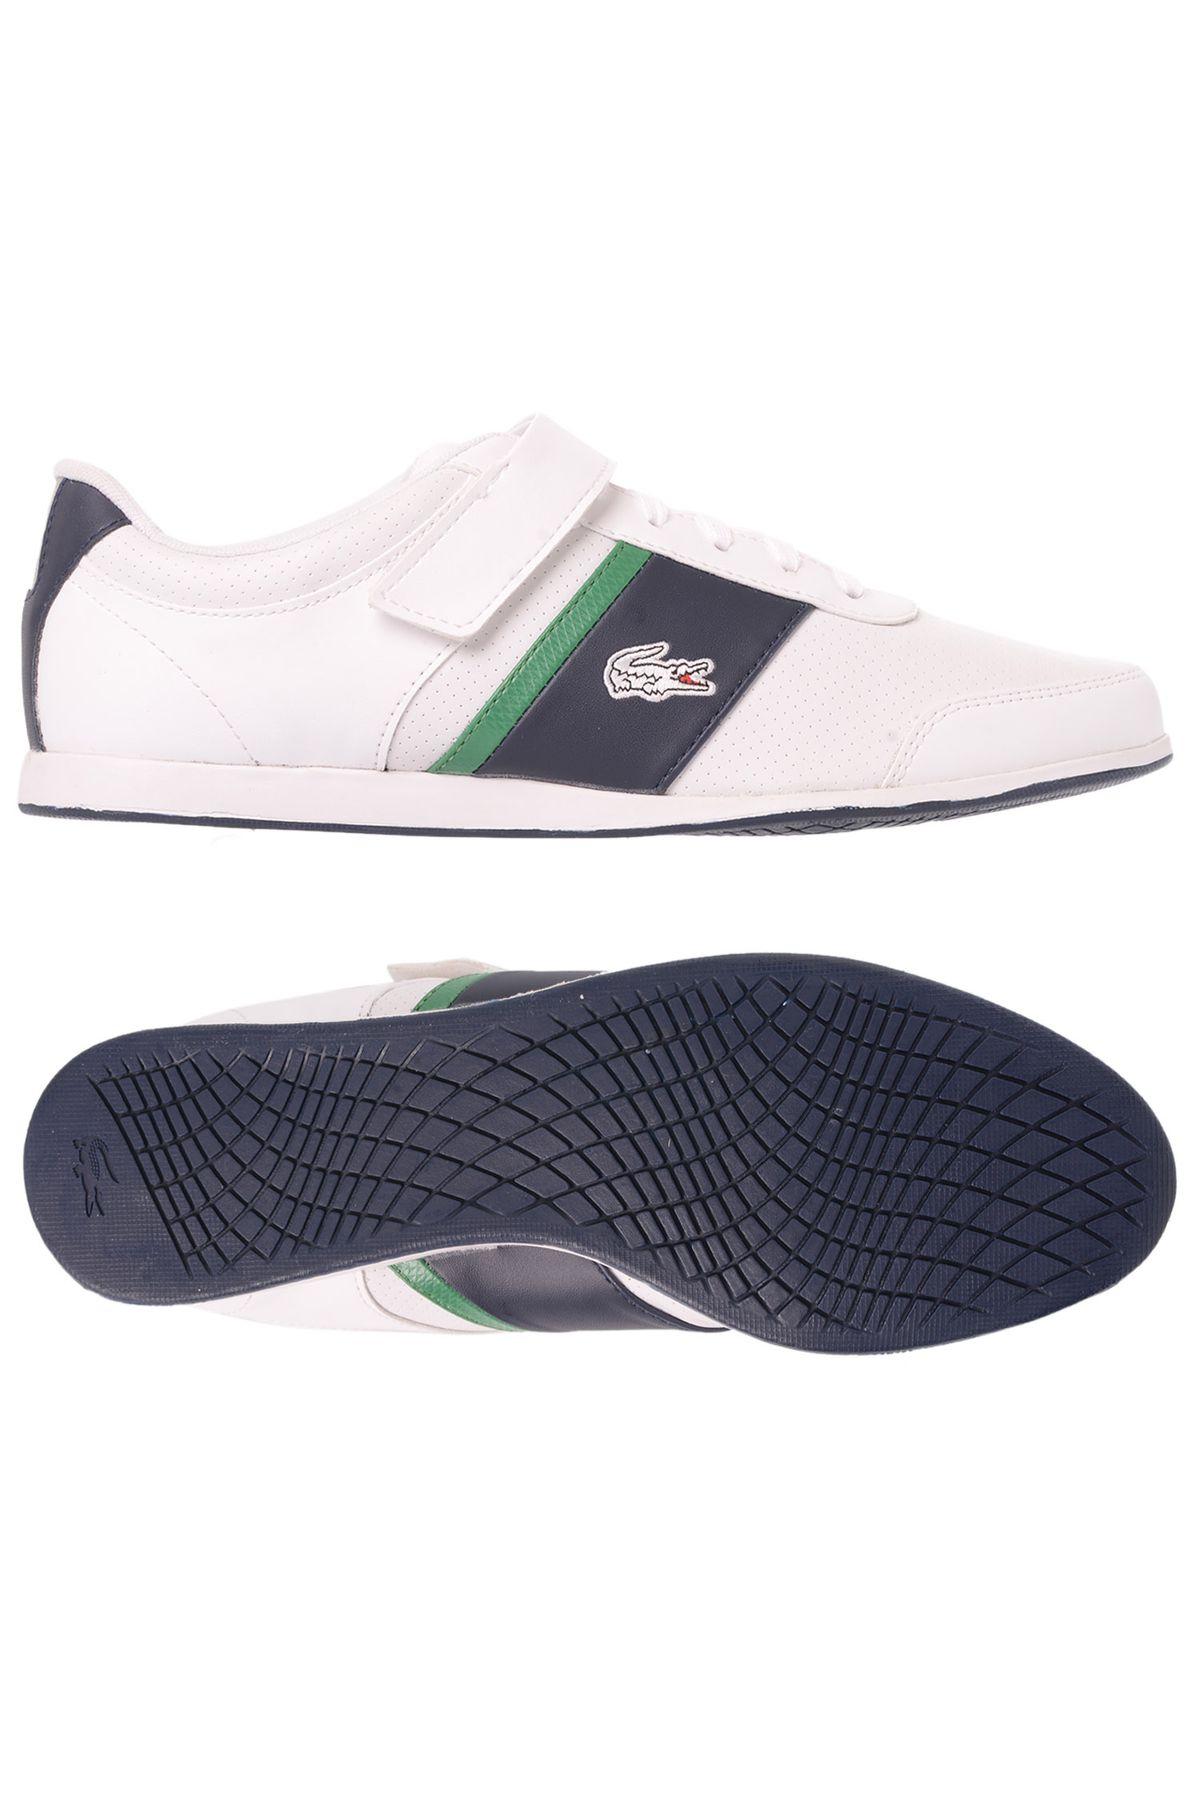 a0e70fa16dc3e Tênis Lacoste Embrun   Mundial Calçados - Mundial Calçados